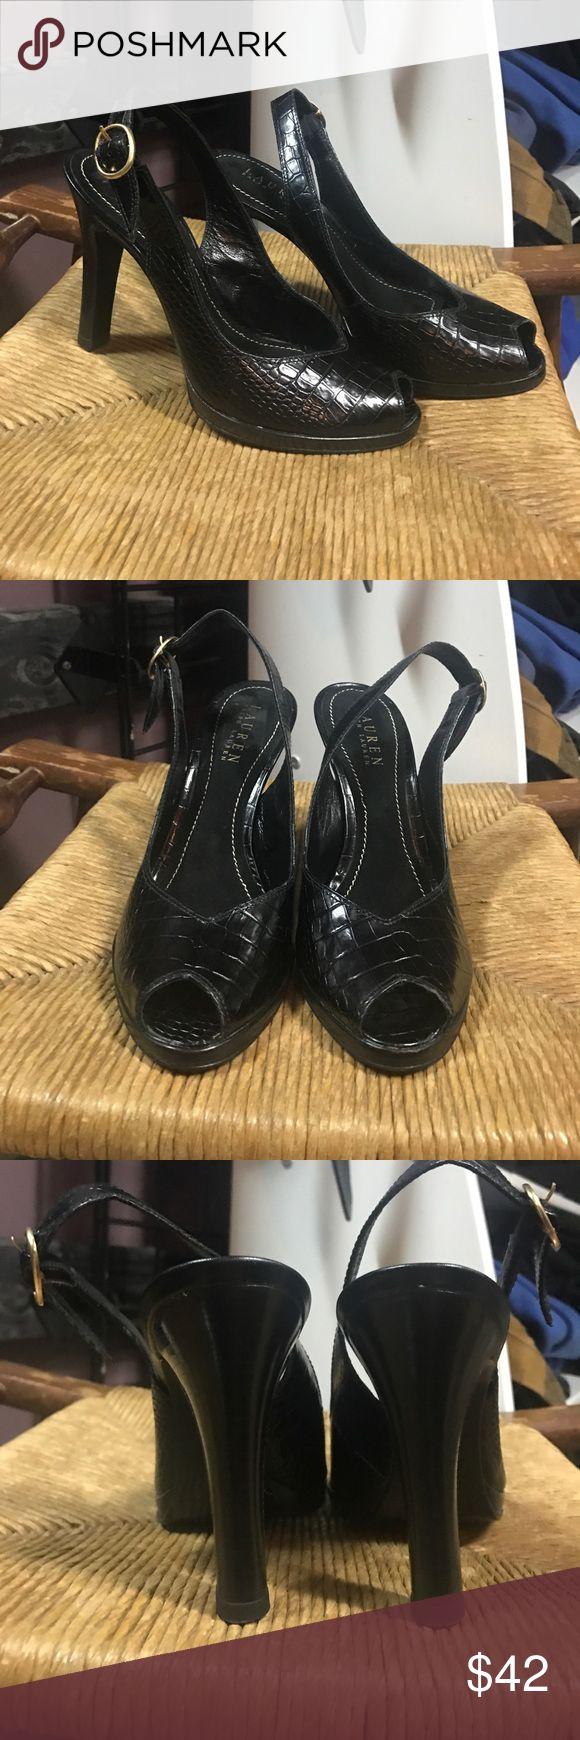 Lauren Ralph Lauren croc leather sling back heels Lauren Ralph Lauren, croc embossed, leather, peep toe, sling back, heels. Brand new condition Lauren Ralph Lauren Shoes Heels